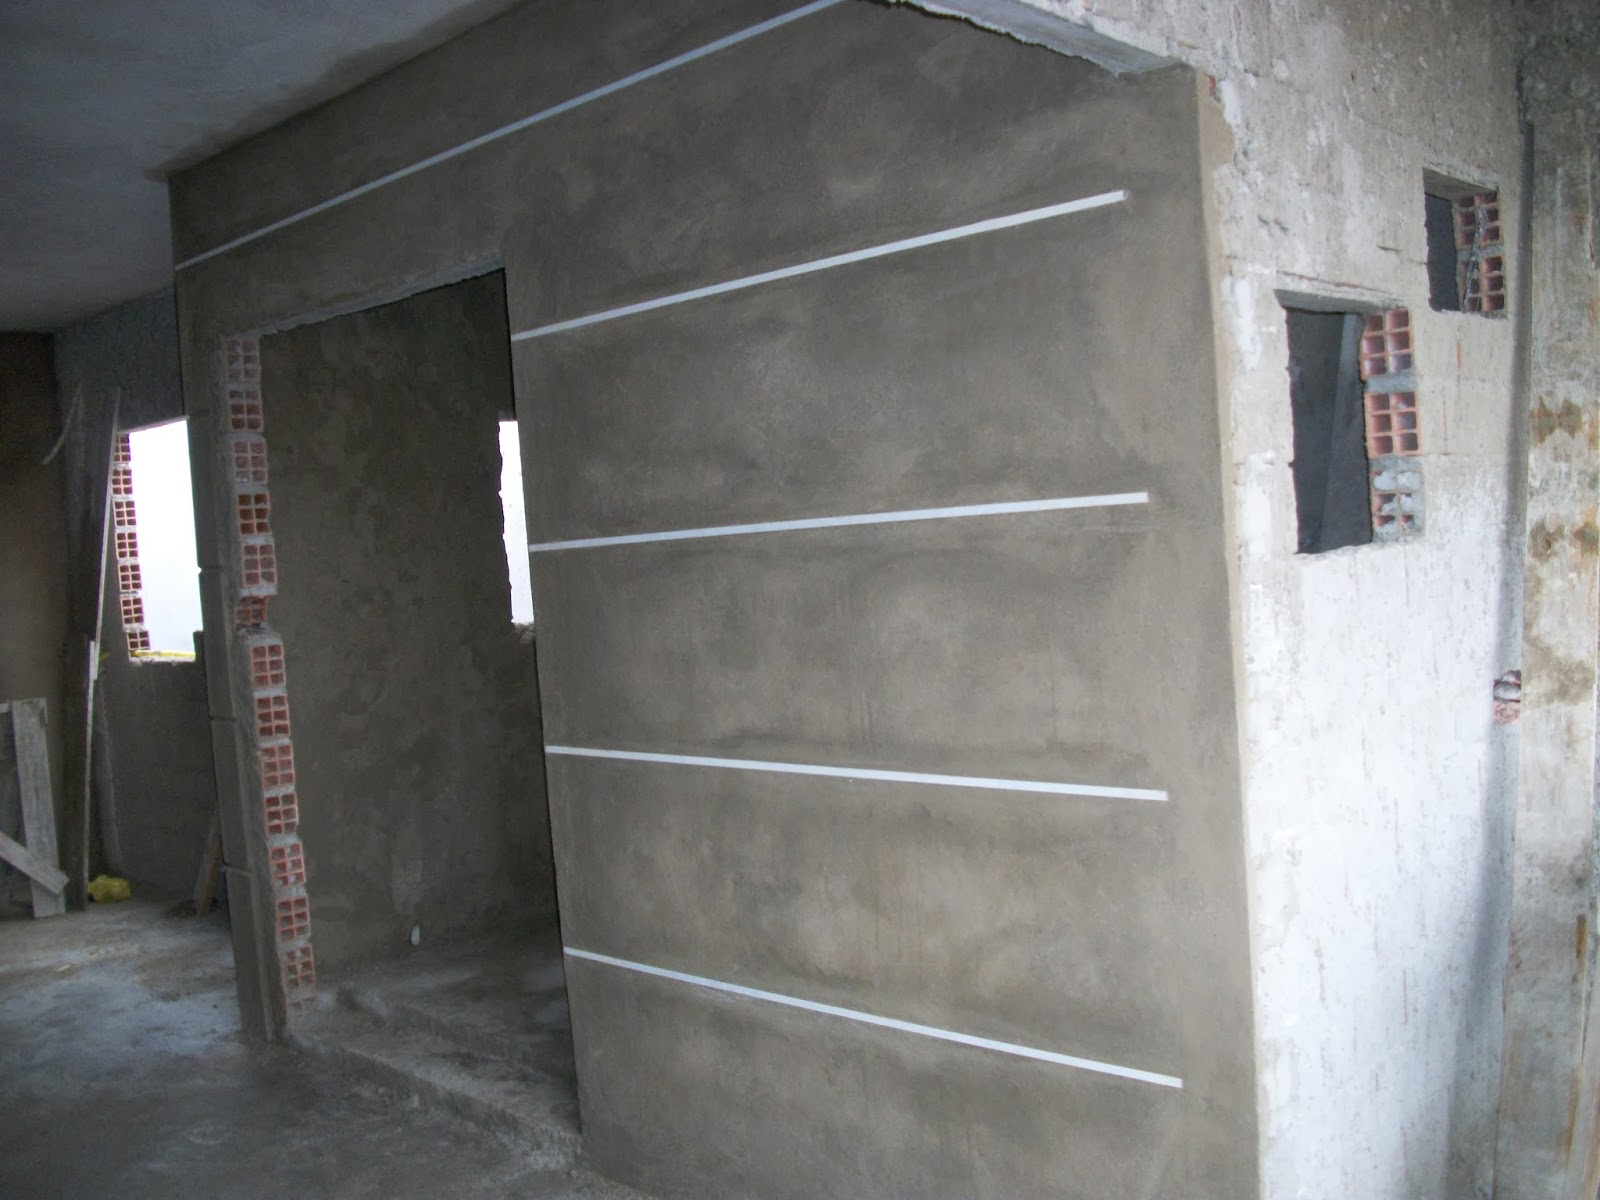 Deus e minha casa nichos e frisos de alum nio - Frisos para paredes ...